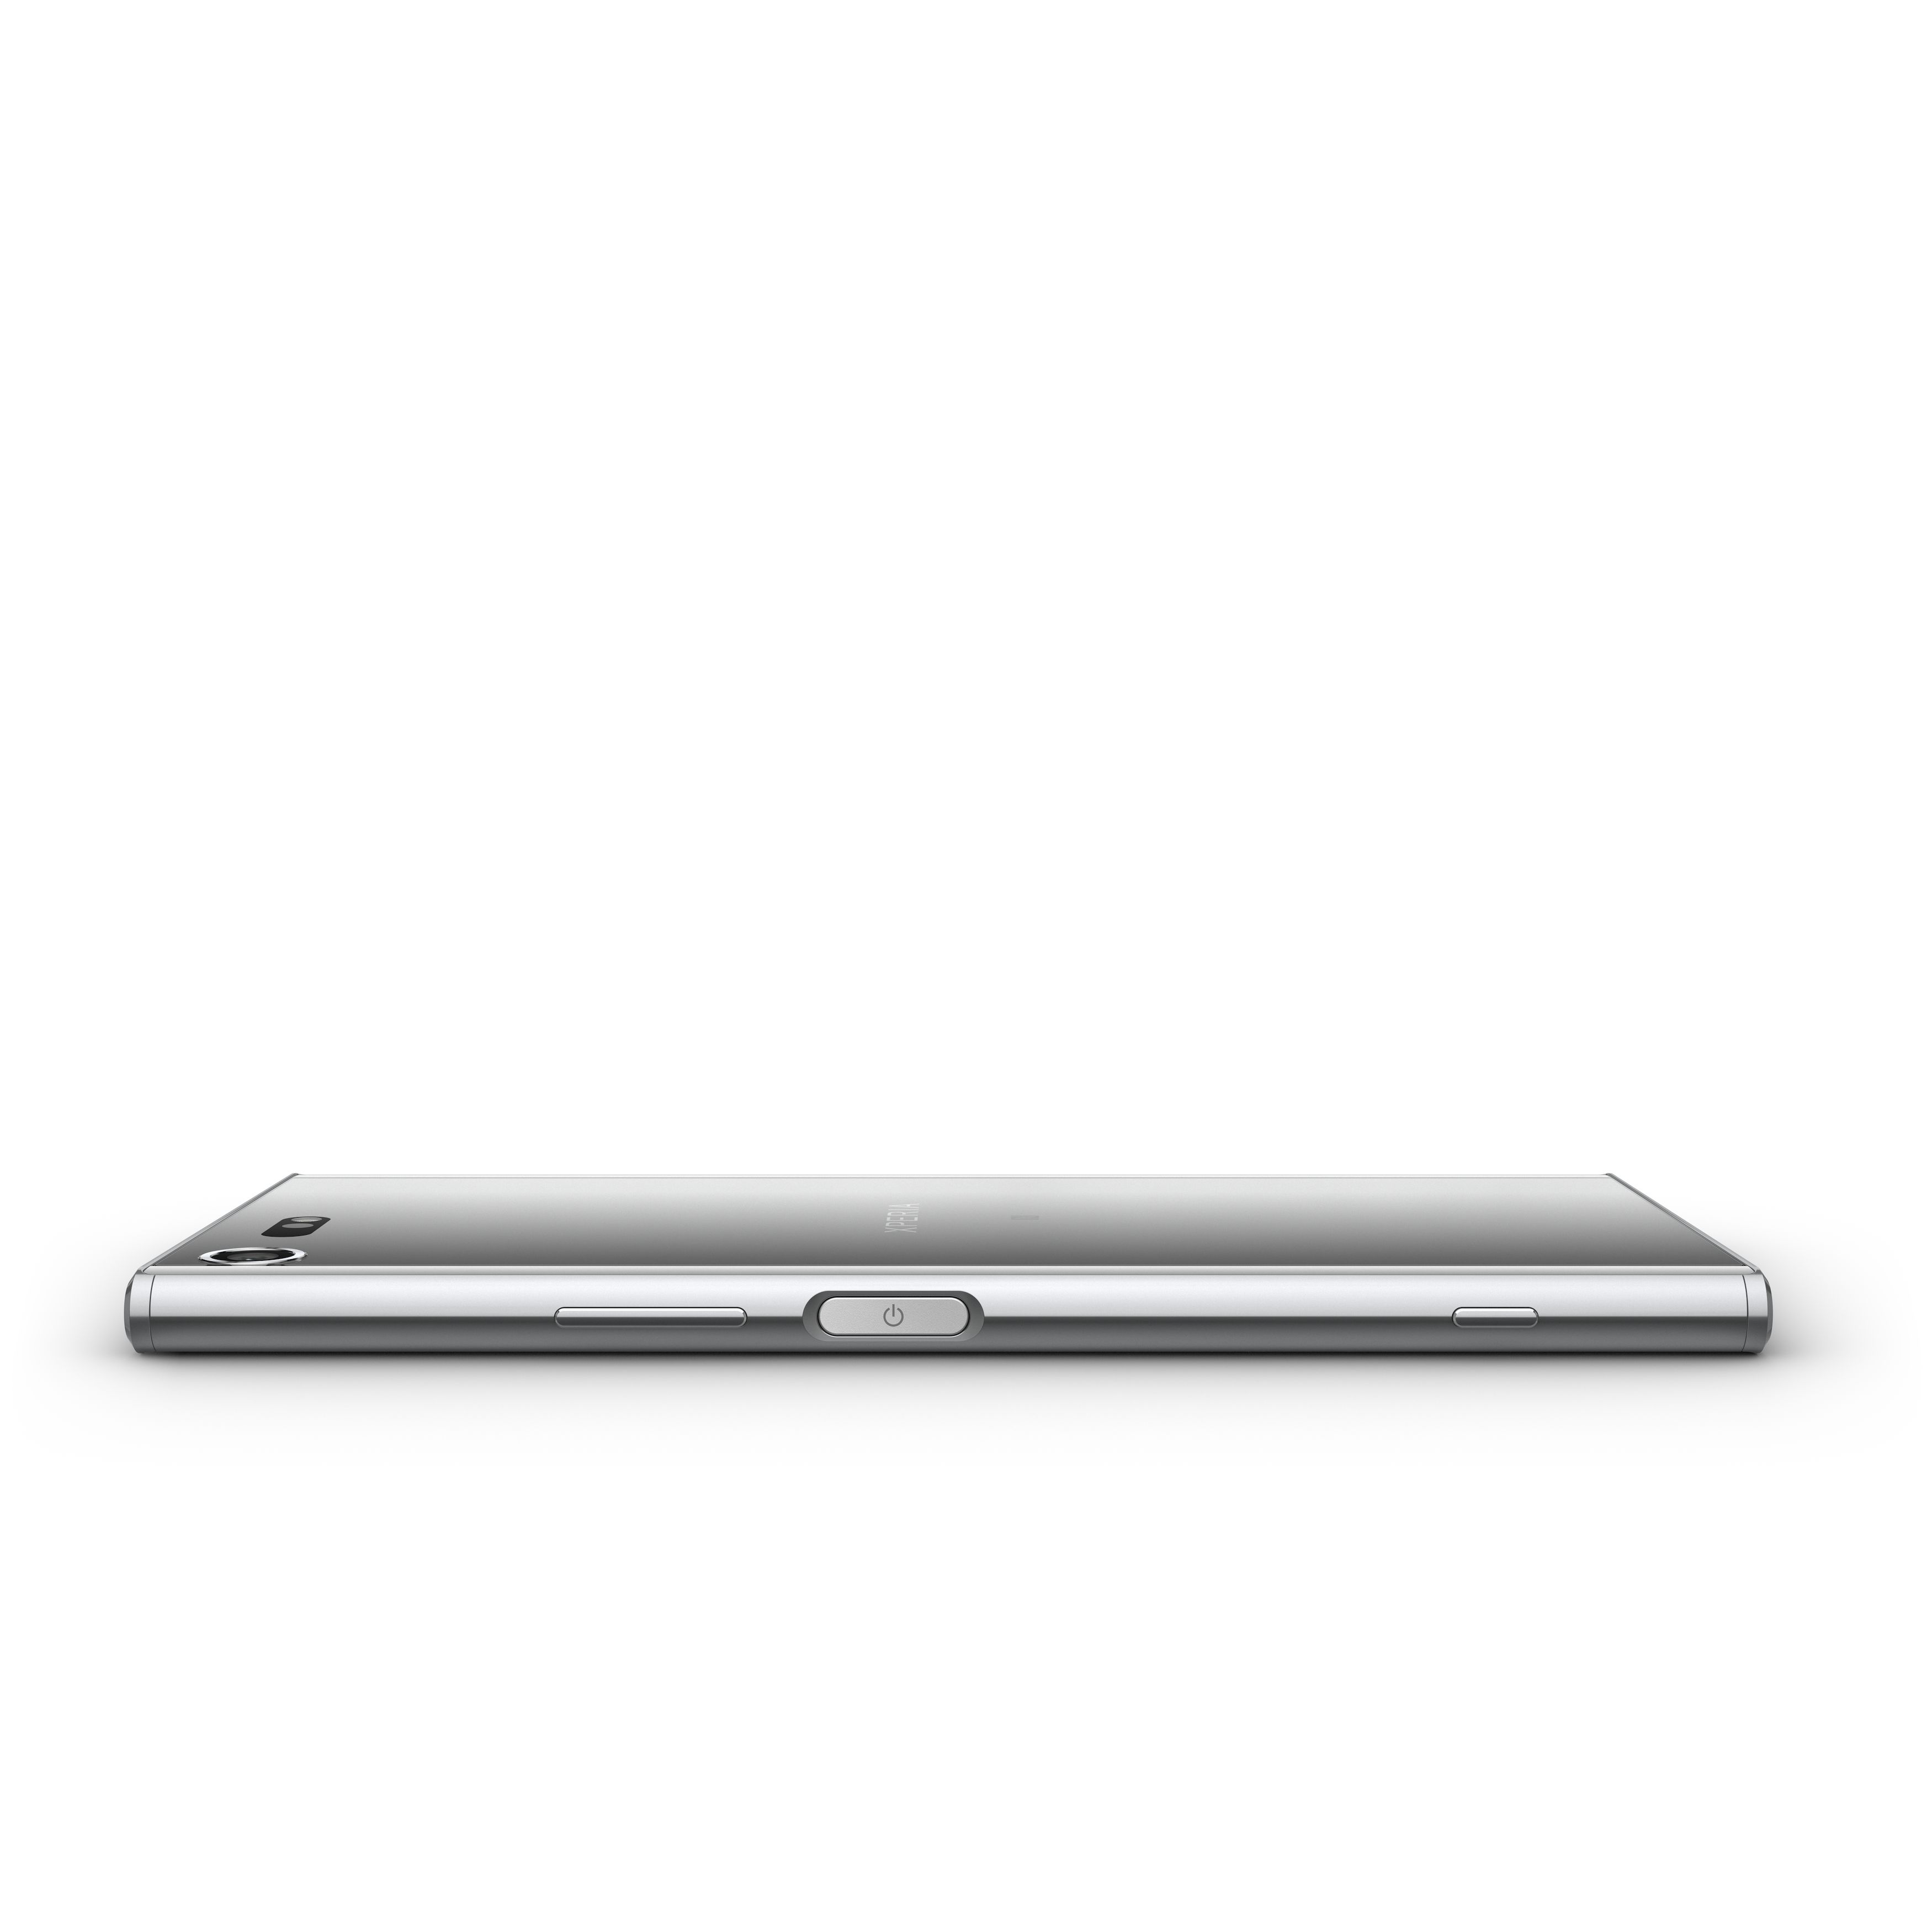 Sony Xperia XZ Premium Render 10